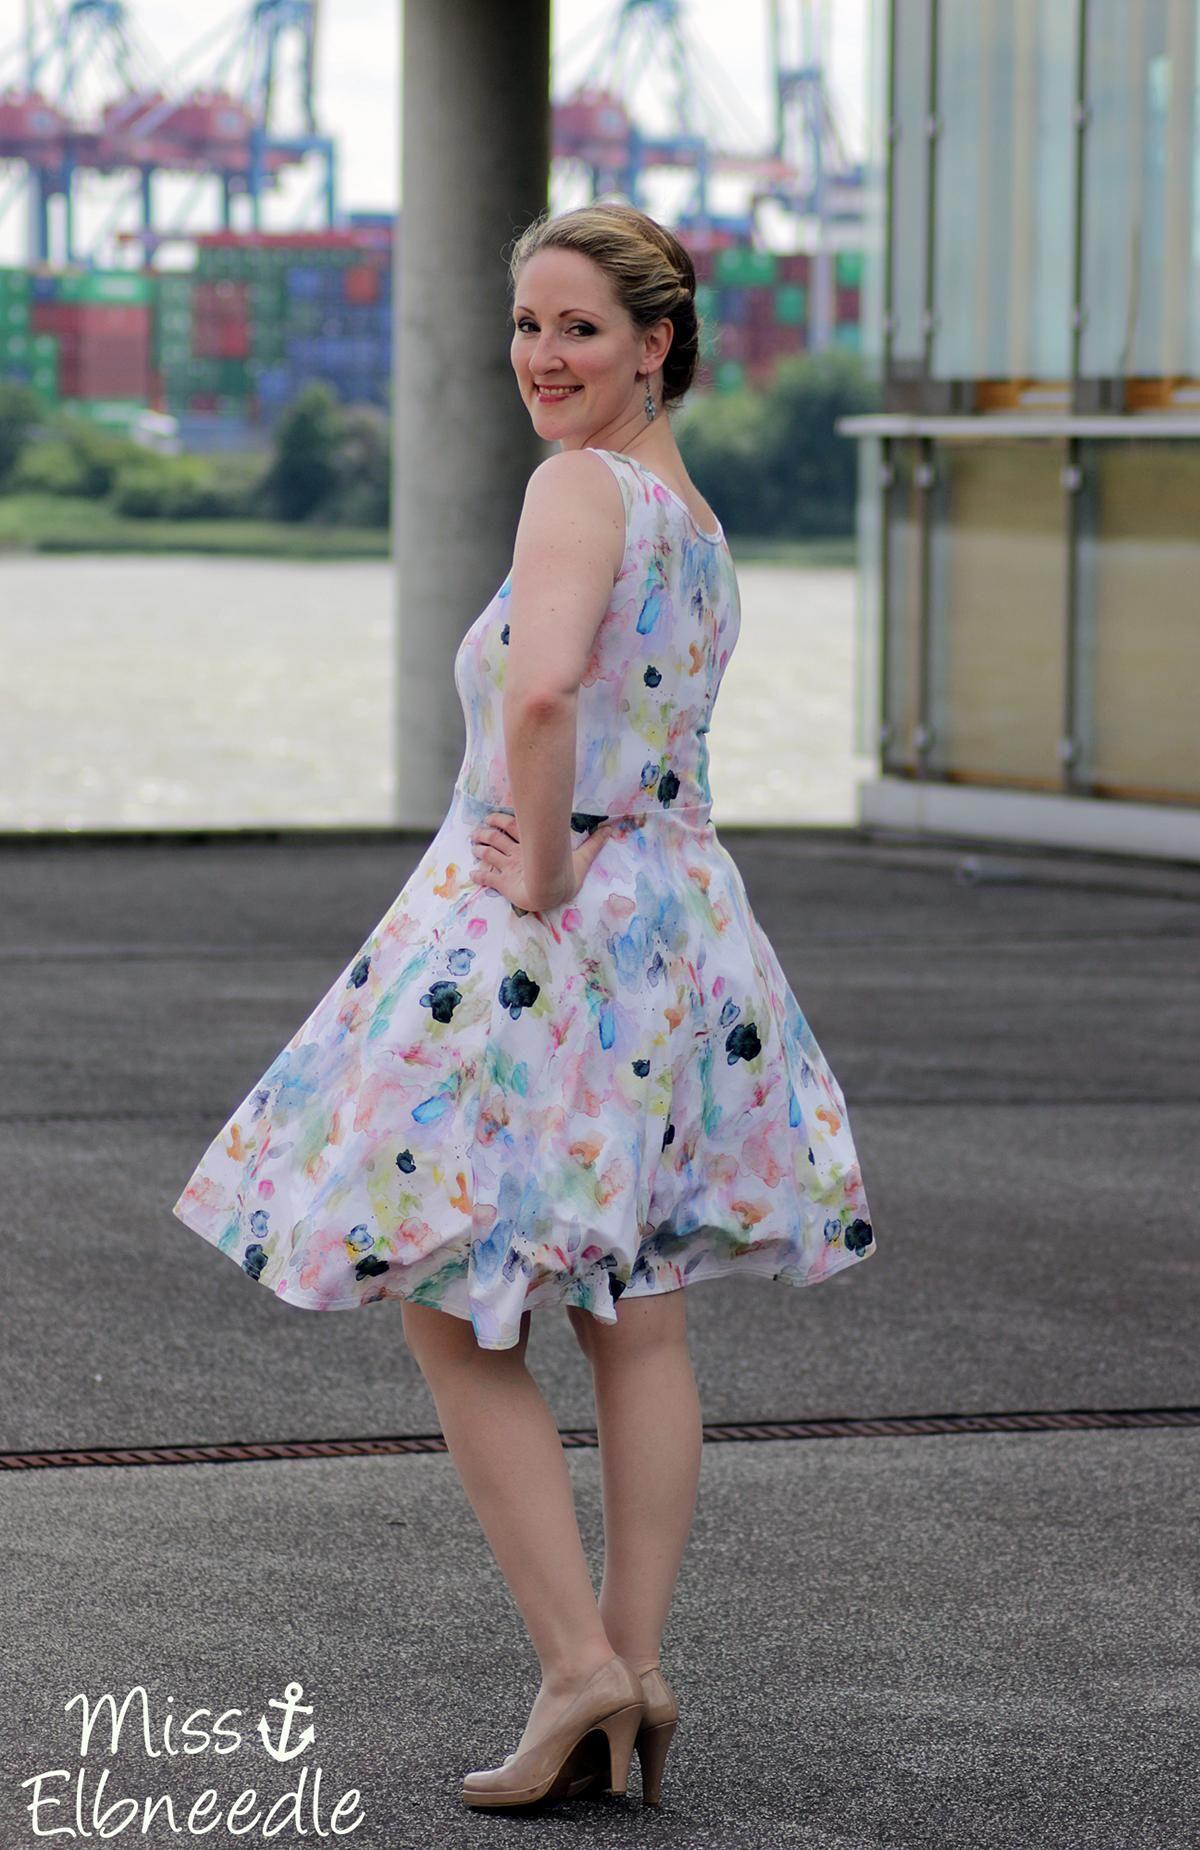 Misselbneedle Fashion Elbe Pastell Kleid Dress